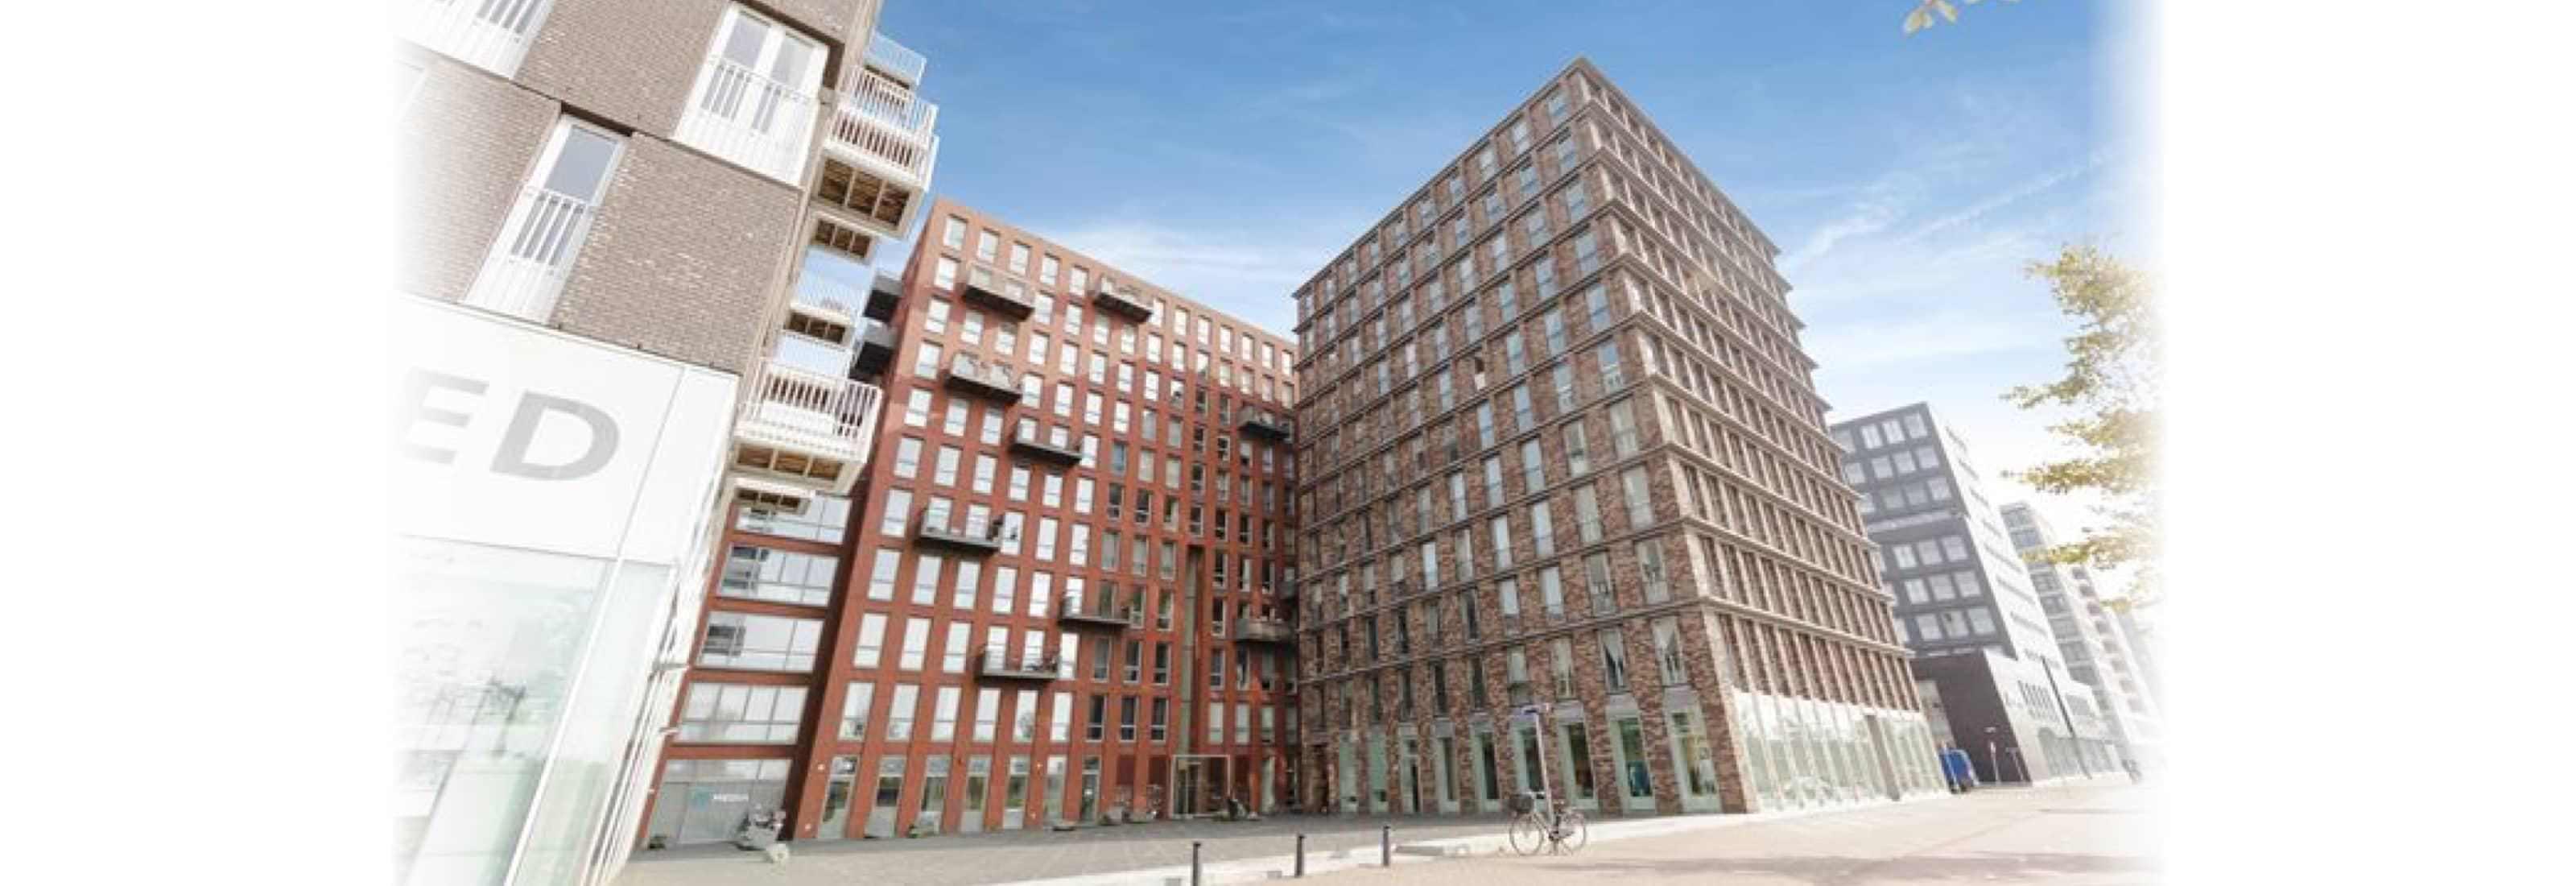 &van der kloet B.V. - multi-discliplinair advieskantoor in Amsterdam